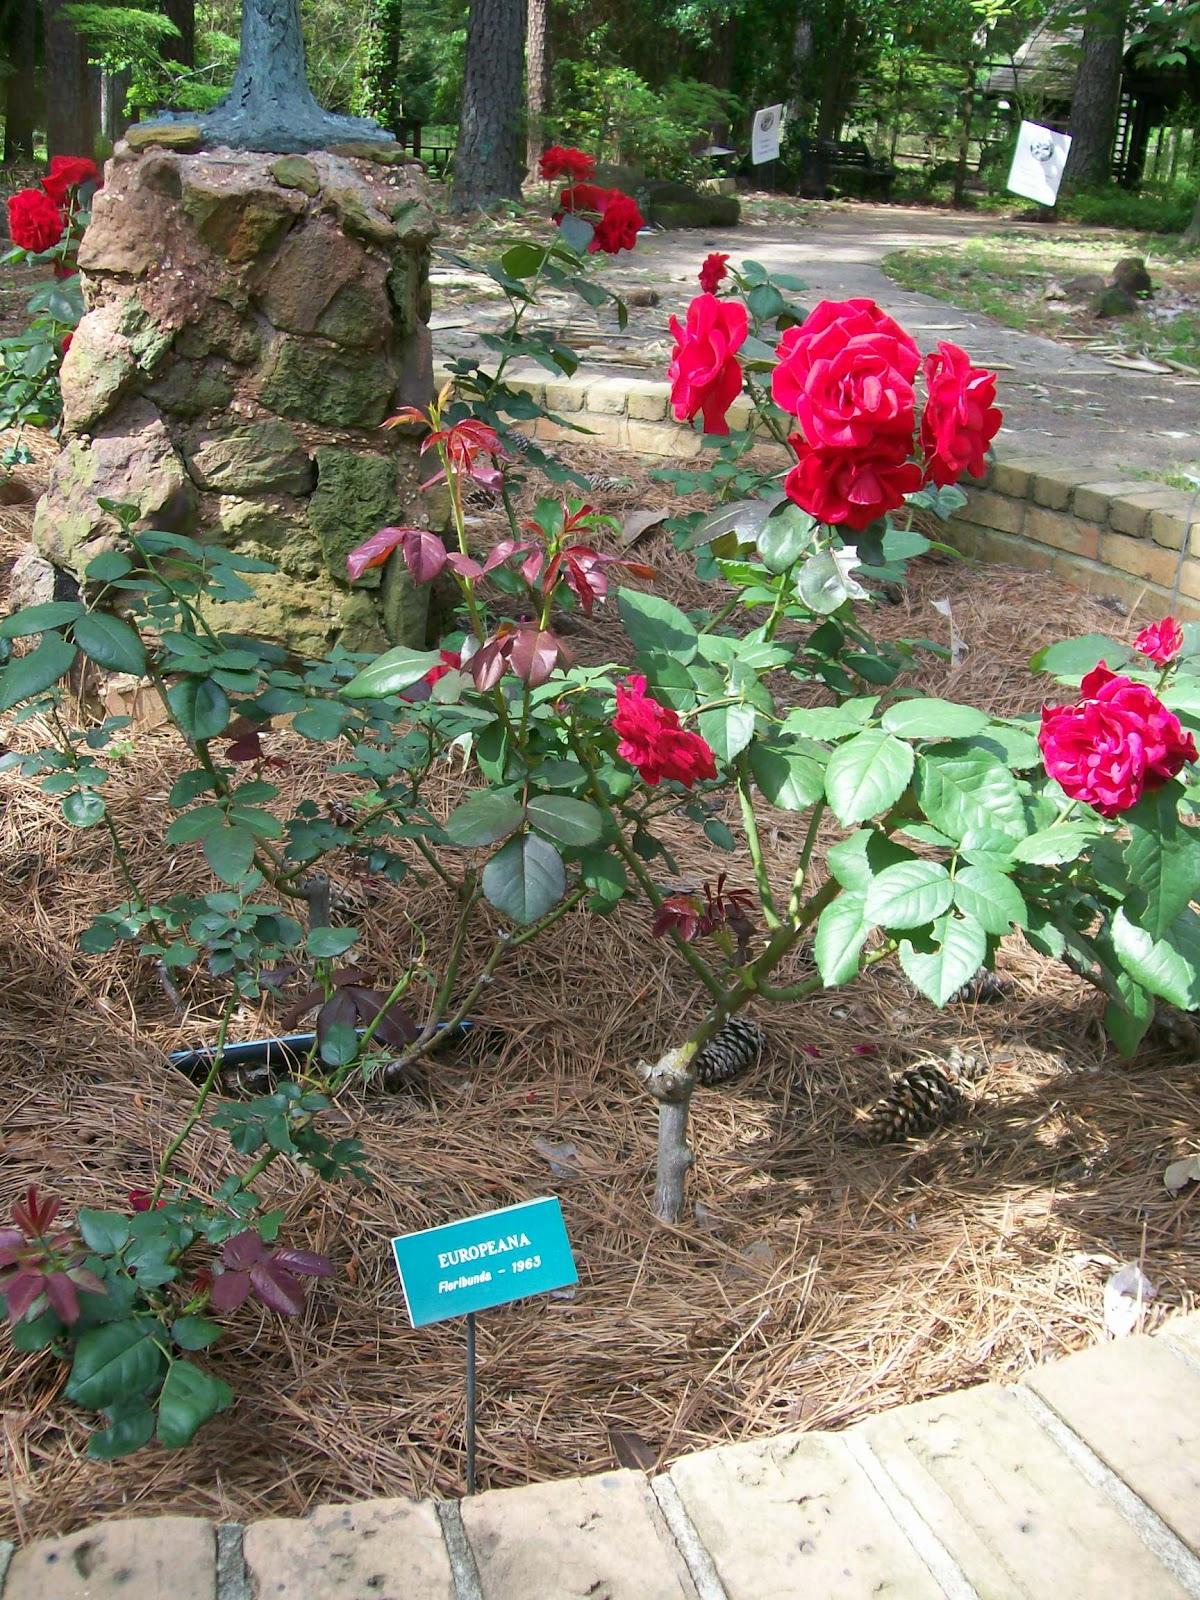 Rockhounding Around American Rose Society Home The Shreveport Rose